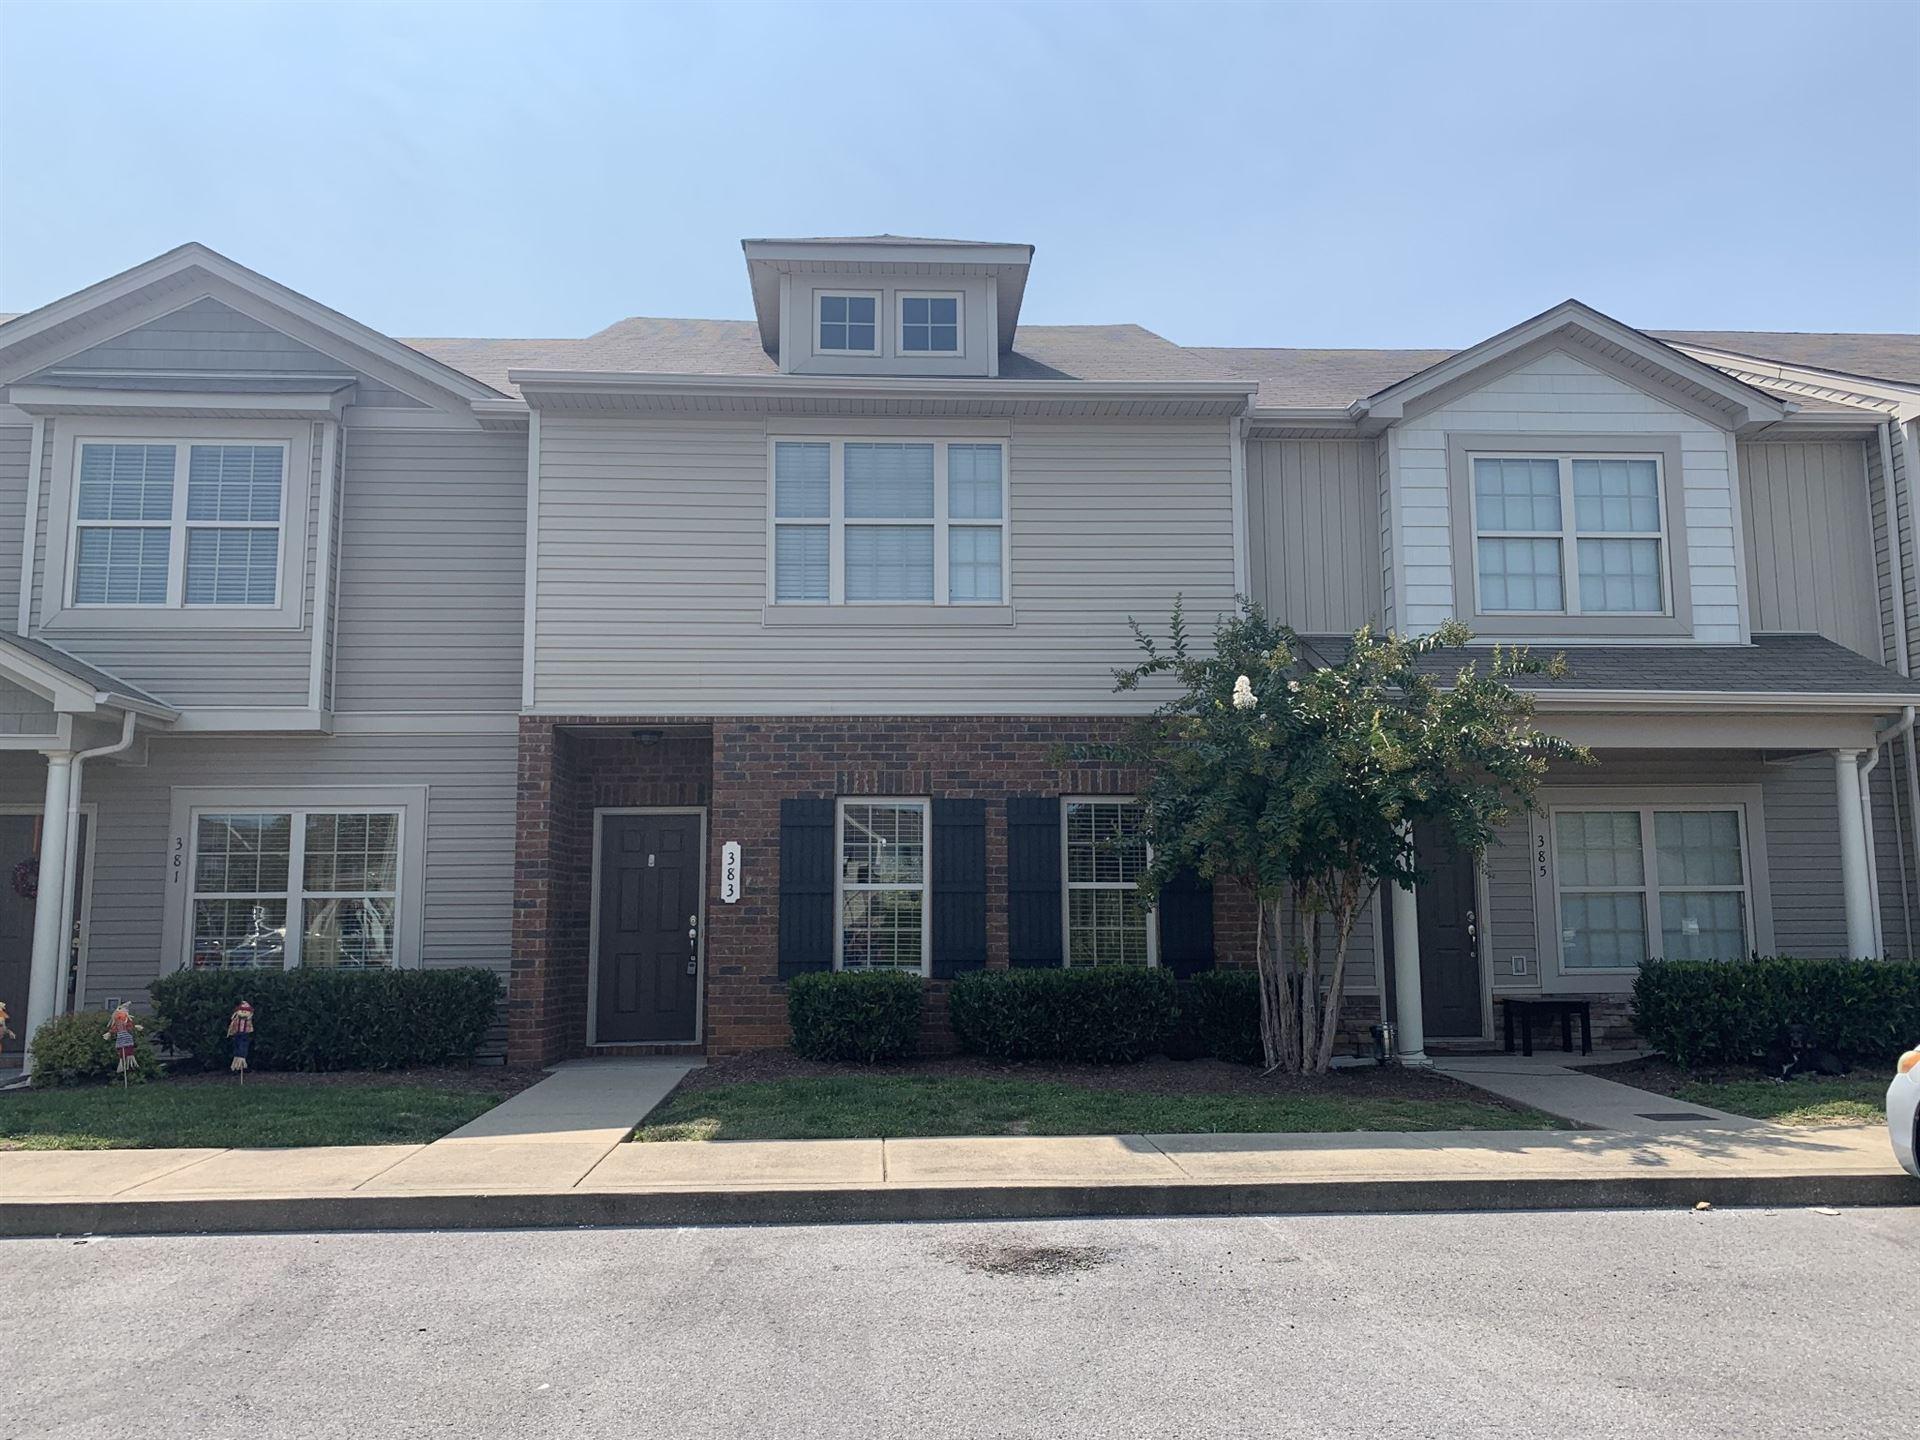 383 Brooklet Ct, Murfreesboro, TN 37128 - MLS#: 2290270